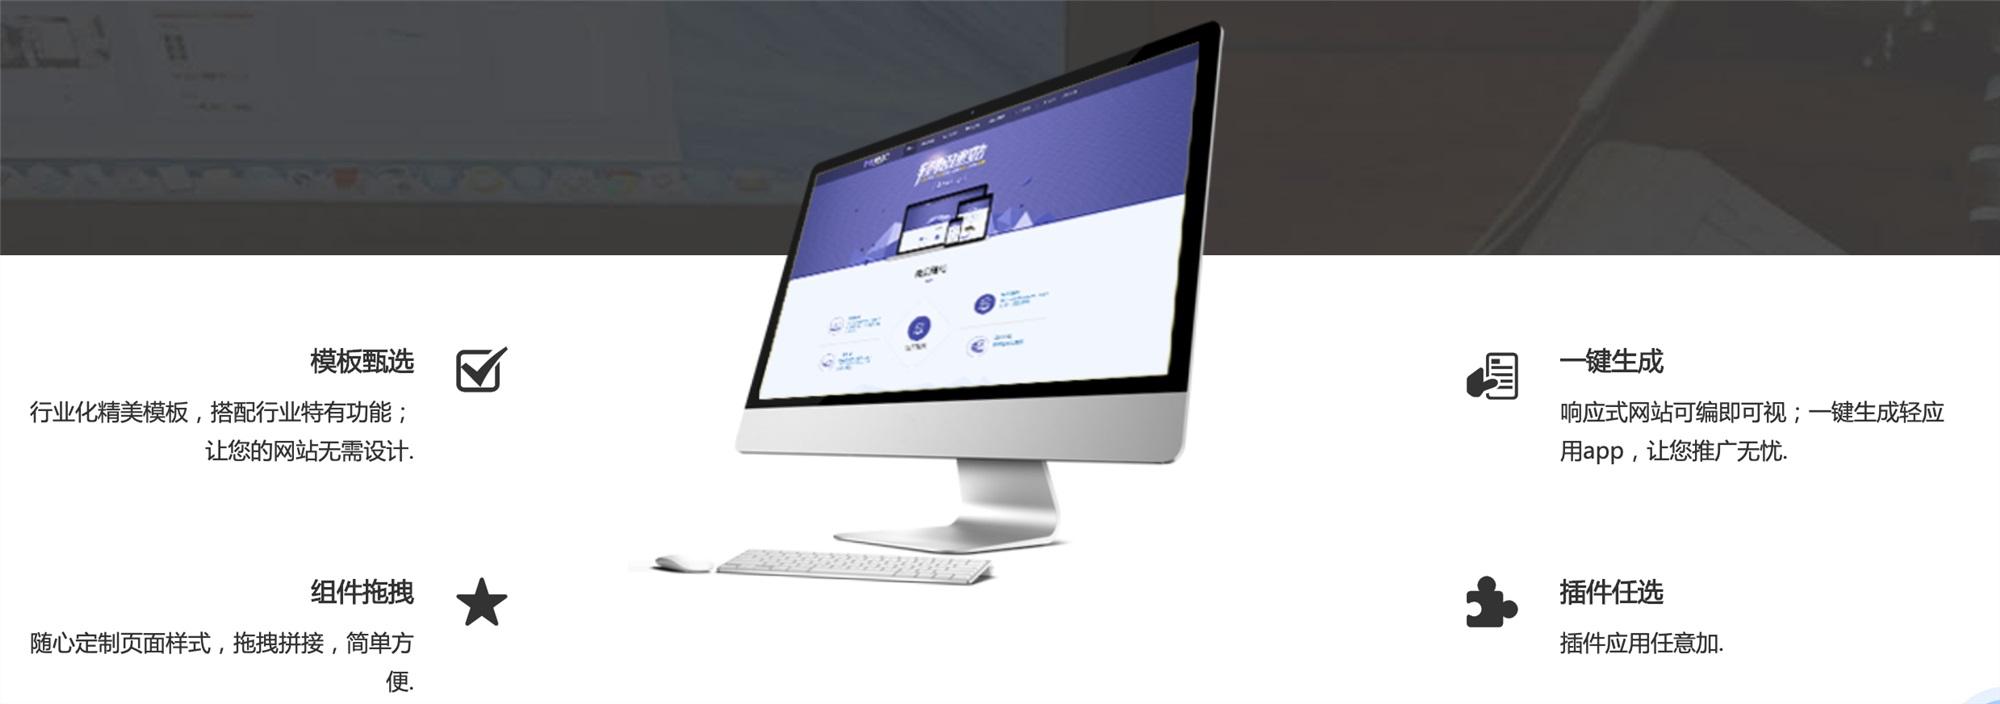 医院�网站建设平台-深圳建设平台-营销型网站建设平台